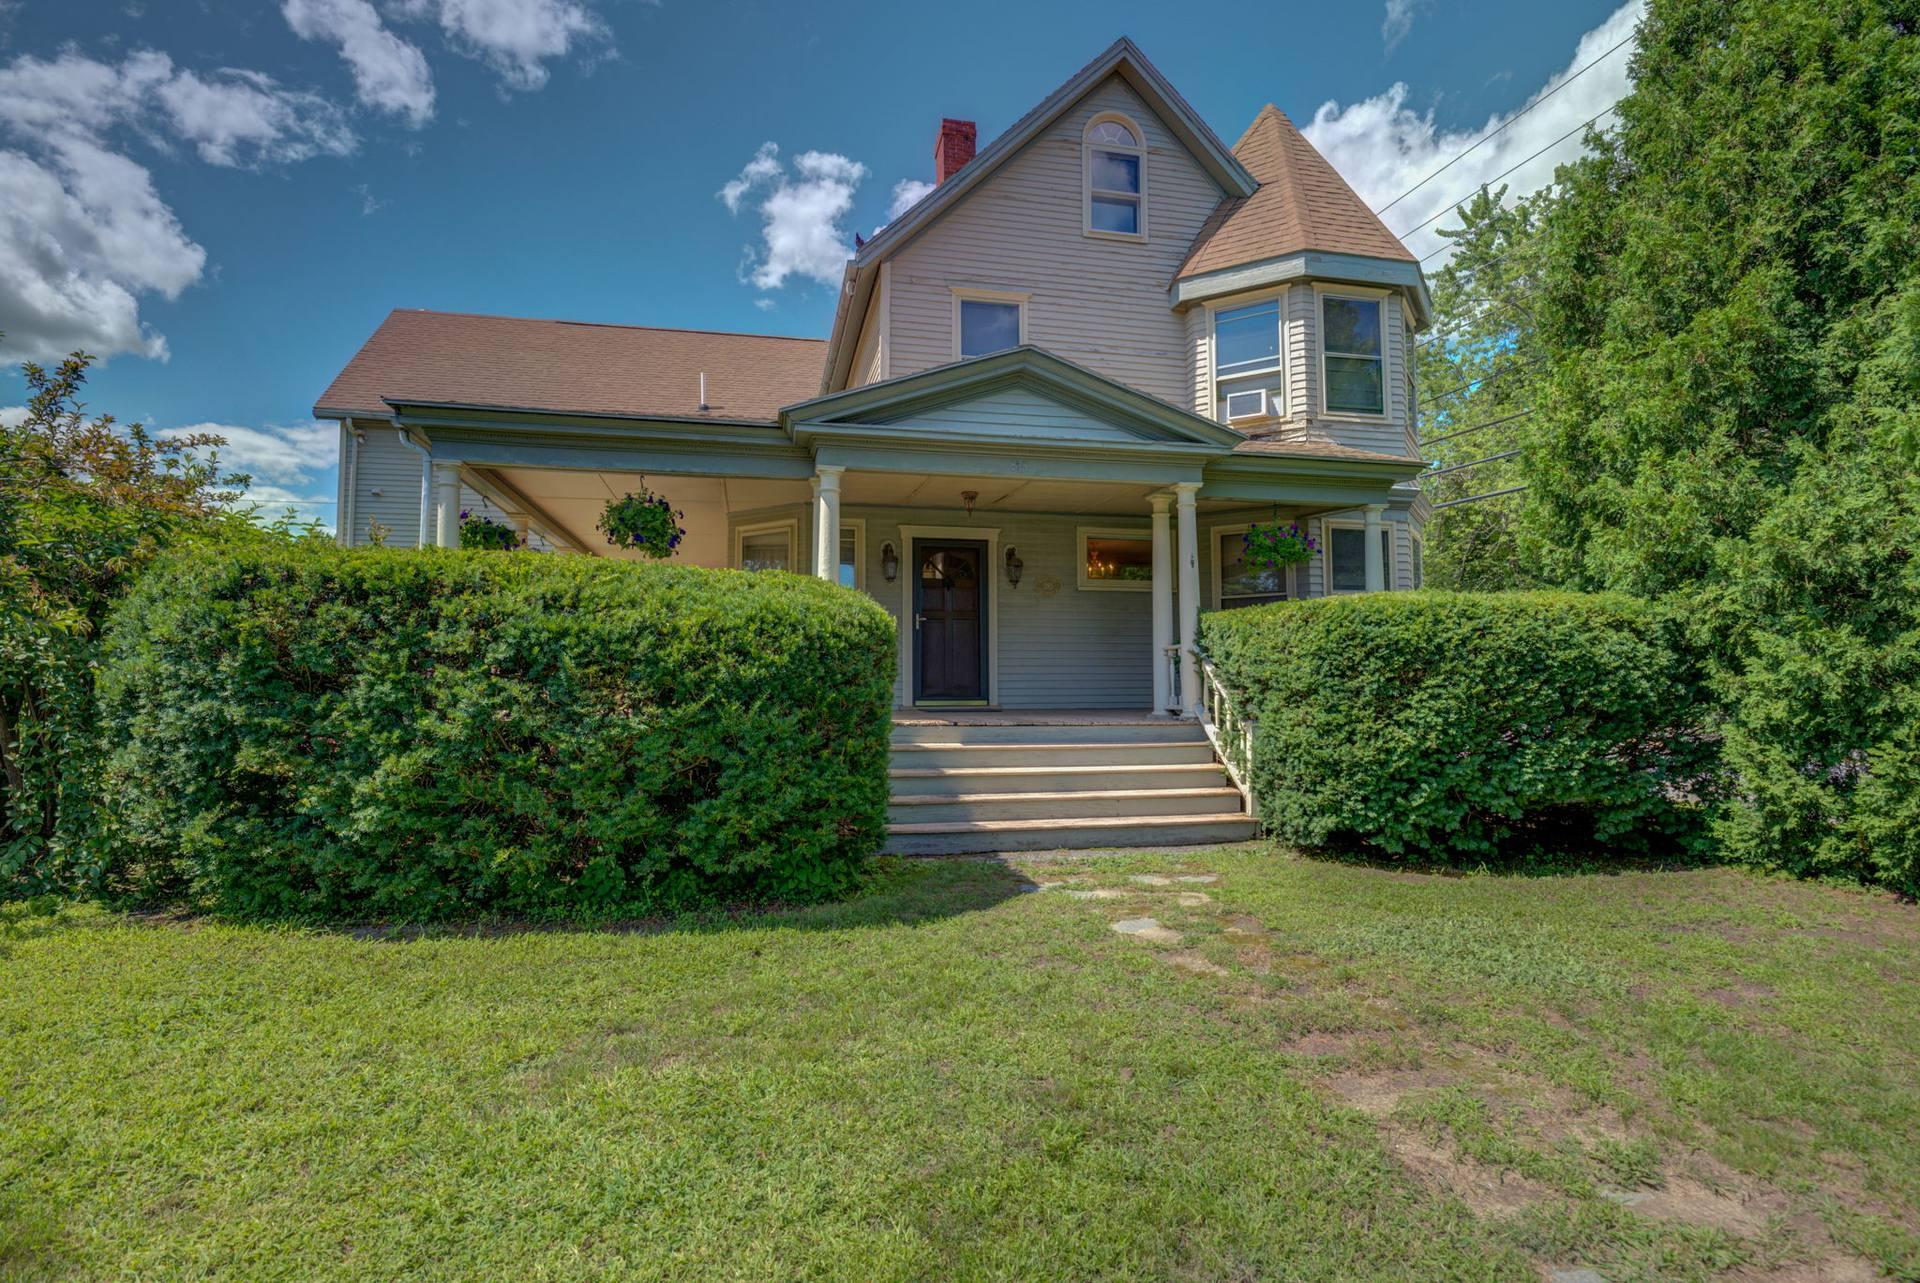 285 Pine Point Rd, Scarborough, ME 04074, USA